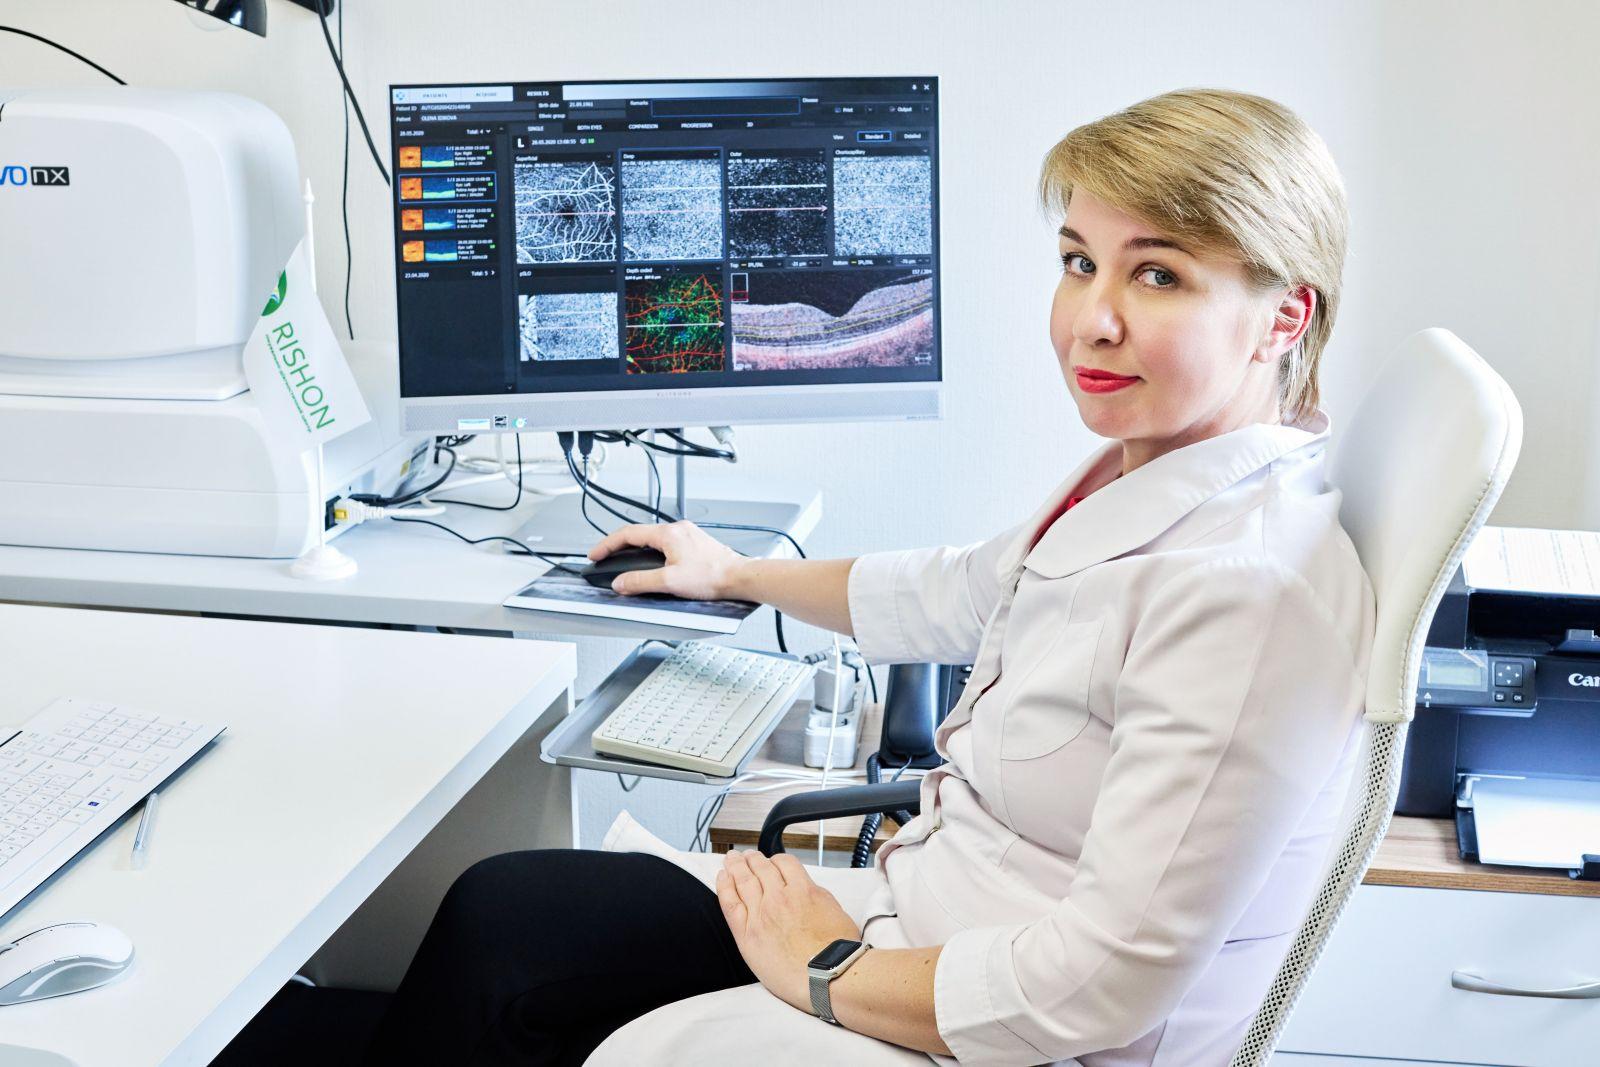 Консультація офтальмолога спец пропозиція